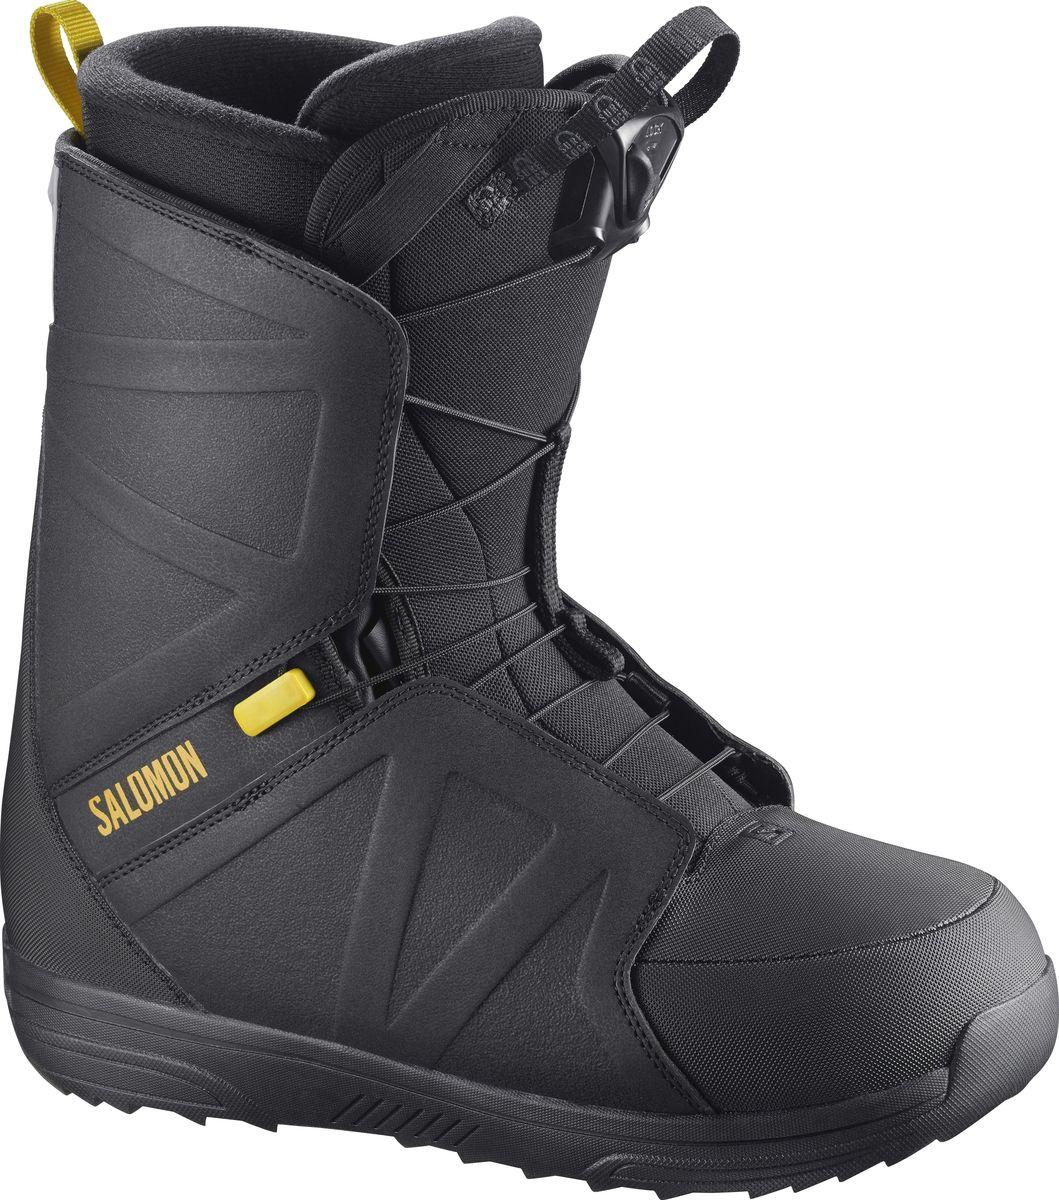 """Ботинки для сноуборда Salomon """"Faction RTL"""", цвет: черный, желтый. Размер 29,5 (45)"""